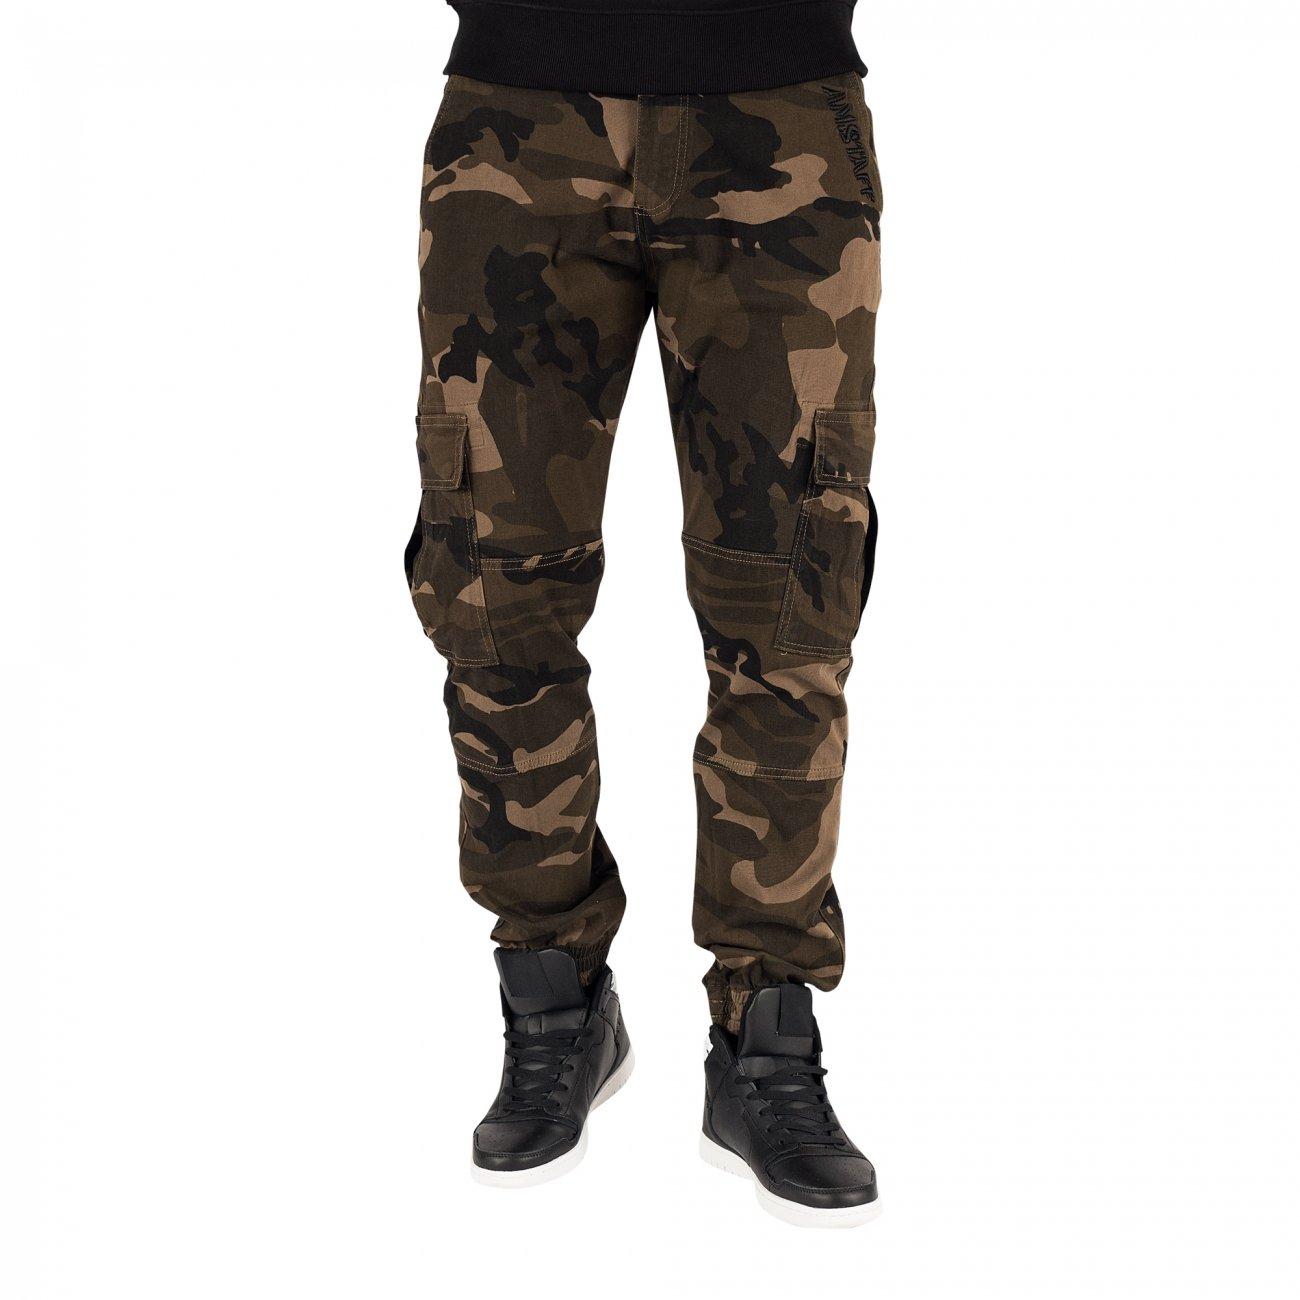 Amstaff Sarge Cargopants Camouflage Antifit Herren Jeans W30 W32 W34 W36 W38